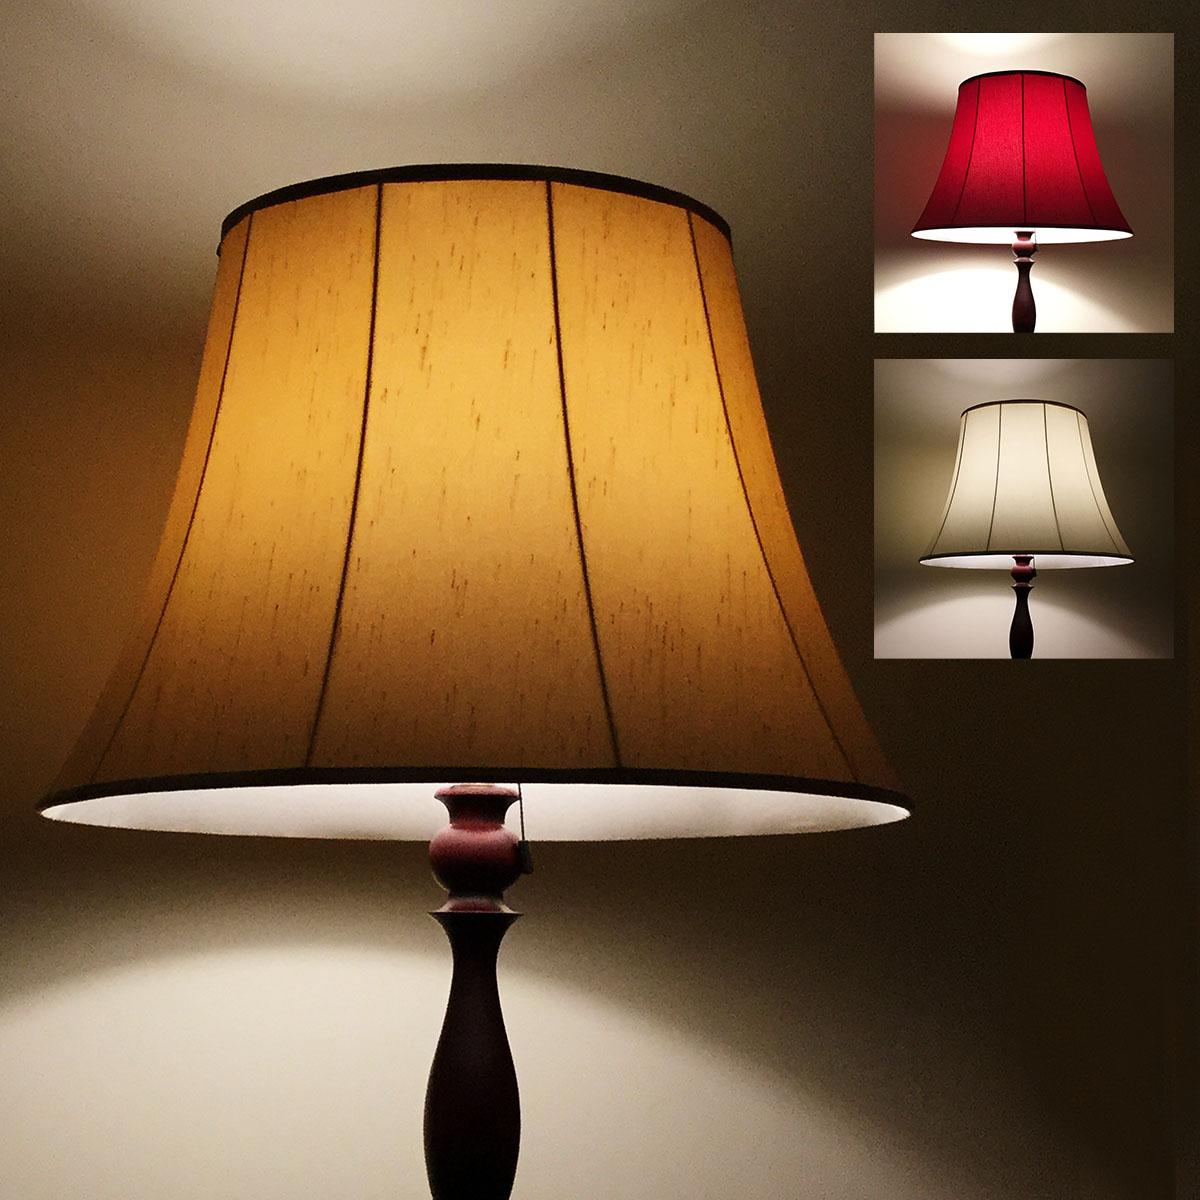 フロアスタンド交換用ランプシェード アーム式 直径50cm バックサテン 全3色 送料無料 照明 シェードのみ